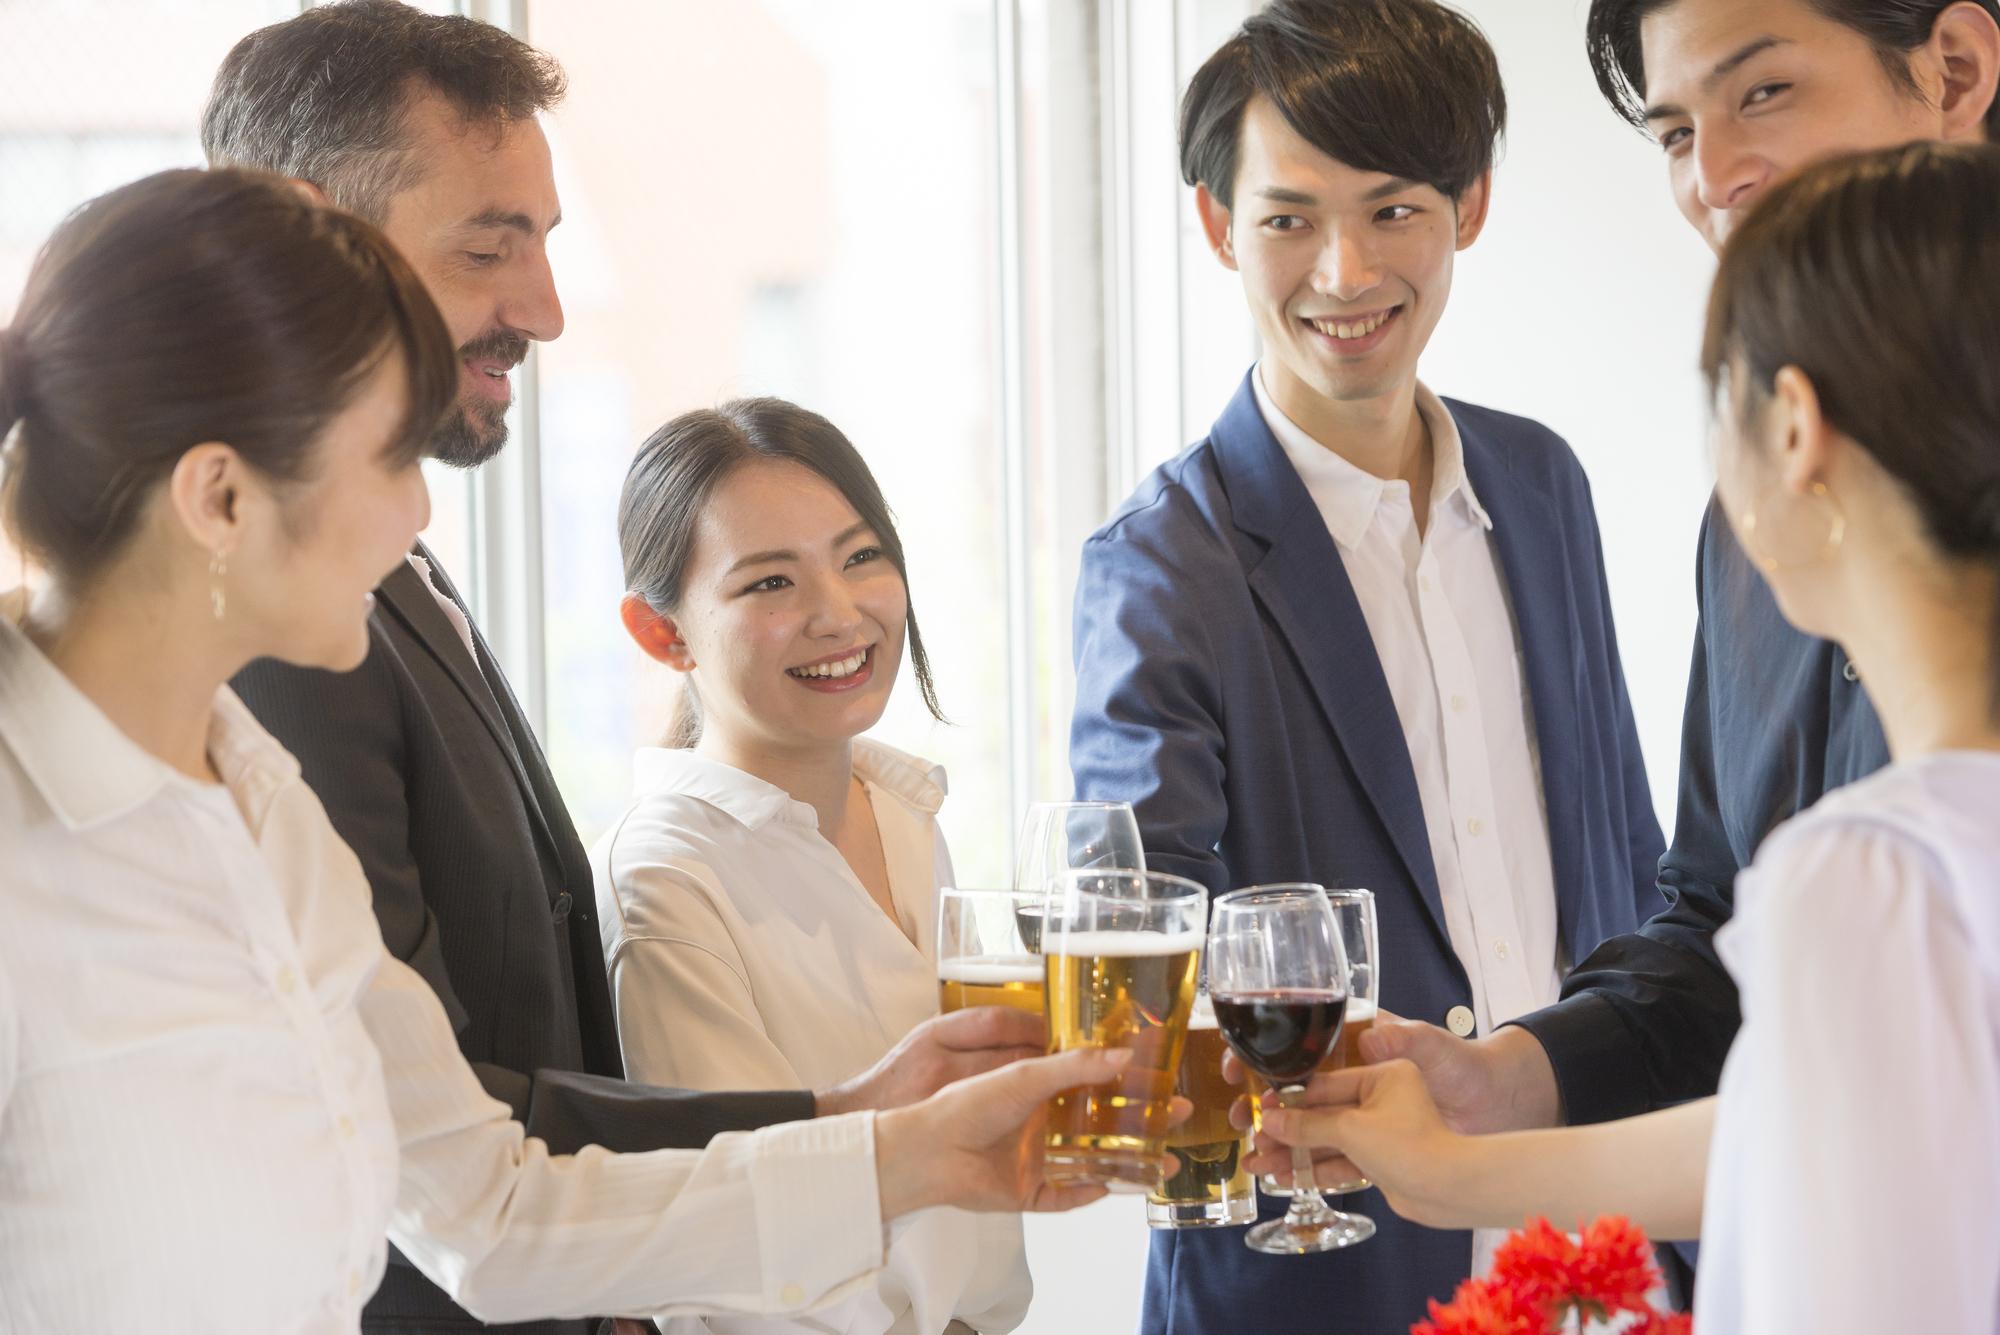 会社のメンバーで乾杯するシーン